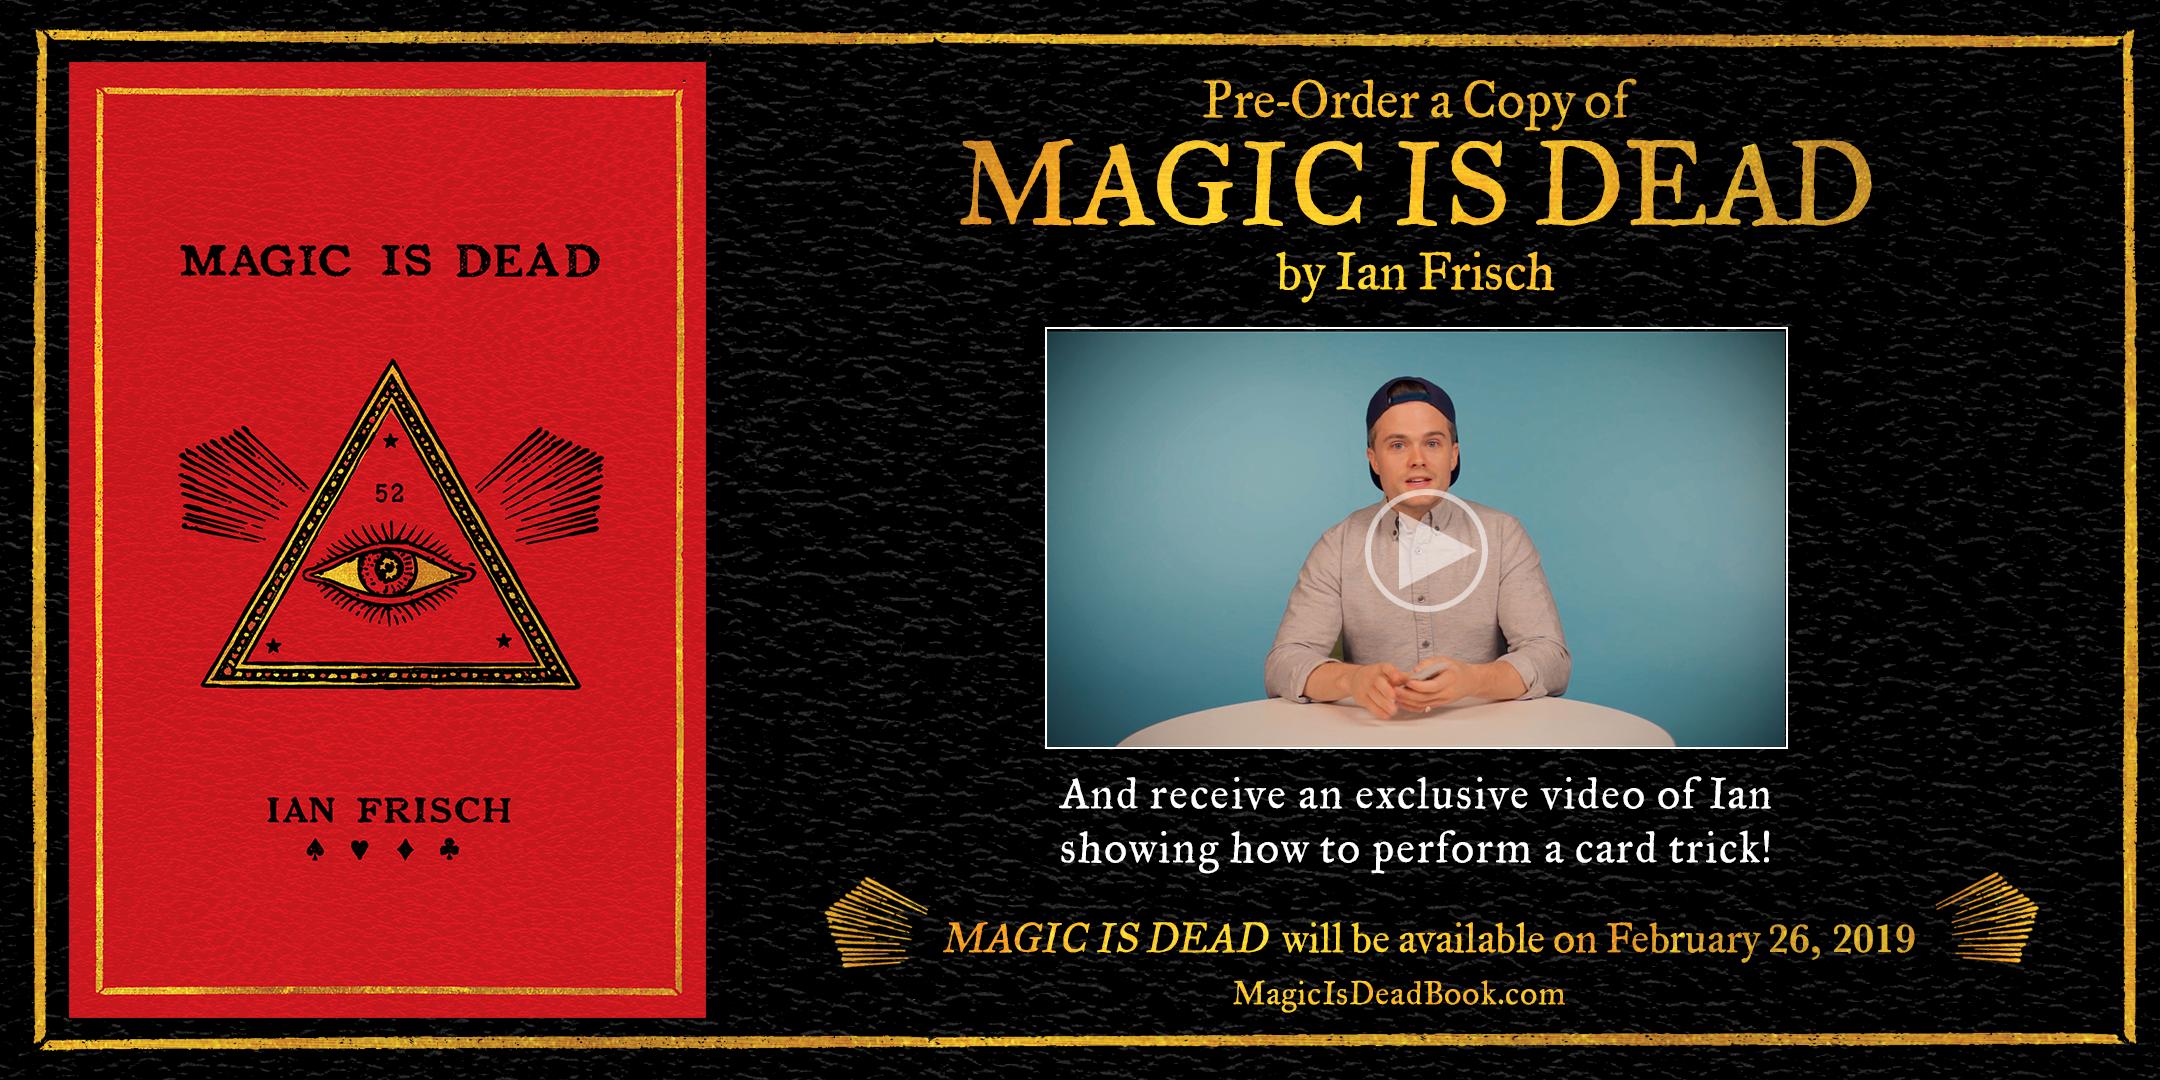 Original_magicisdead_preorder